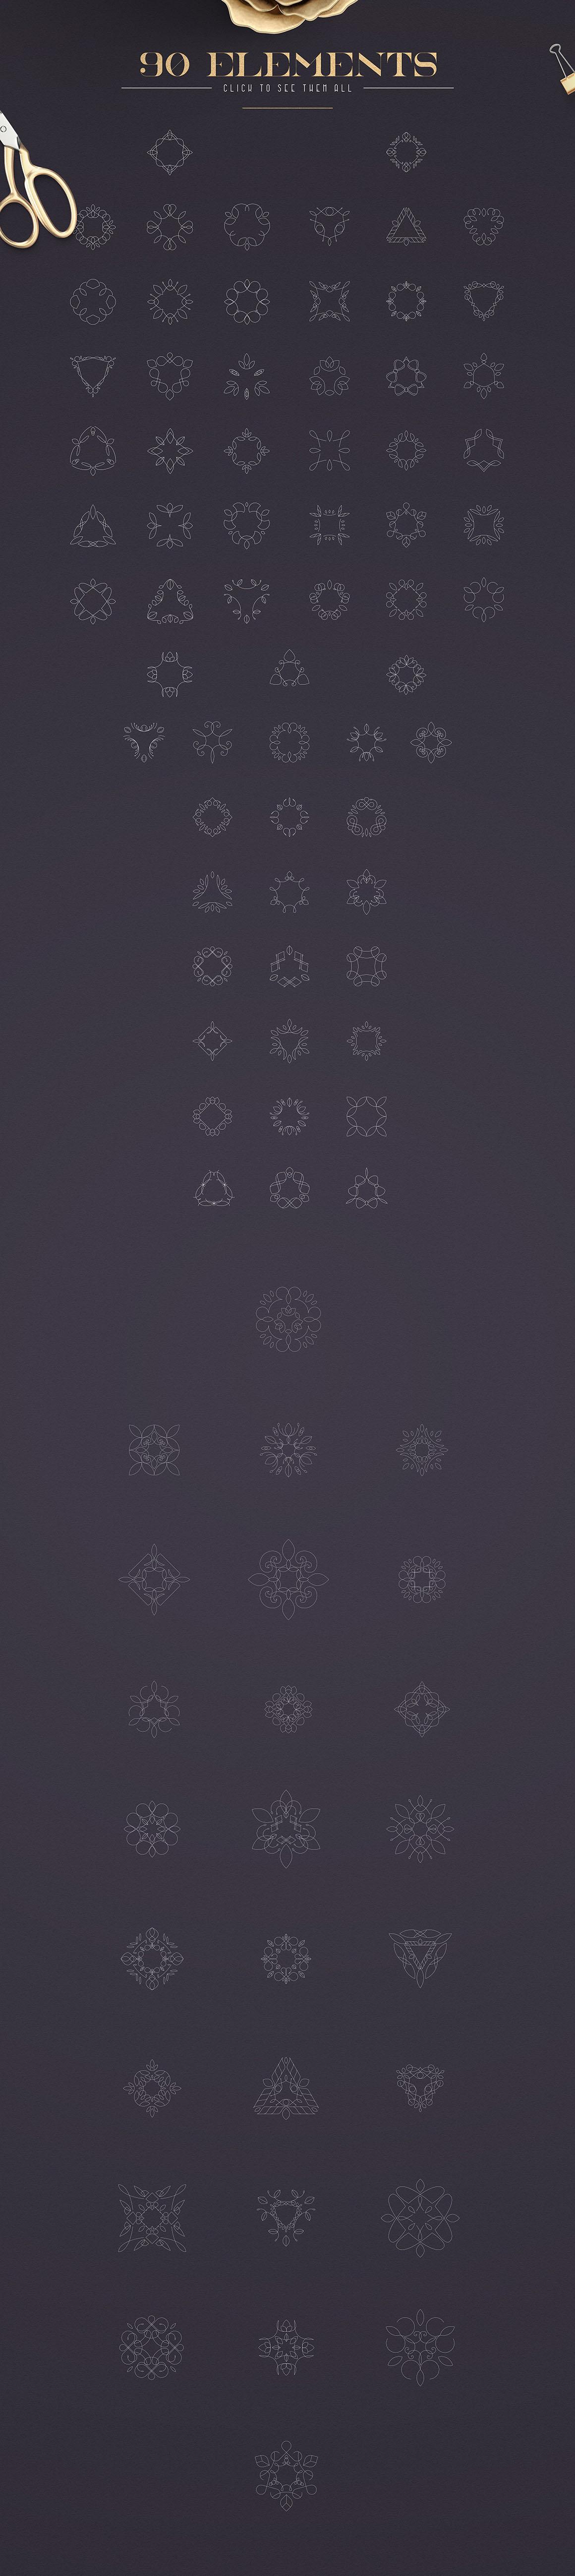 Royal-Creation-Kit-04.jpg